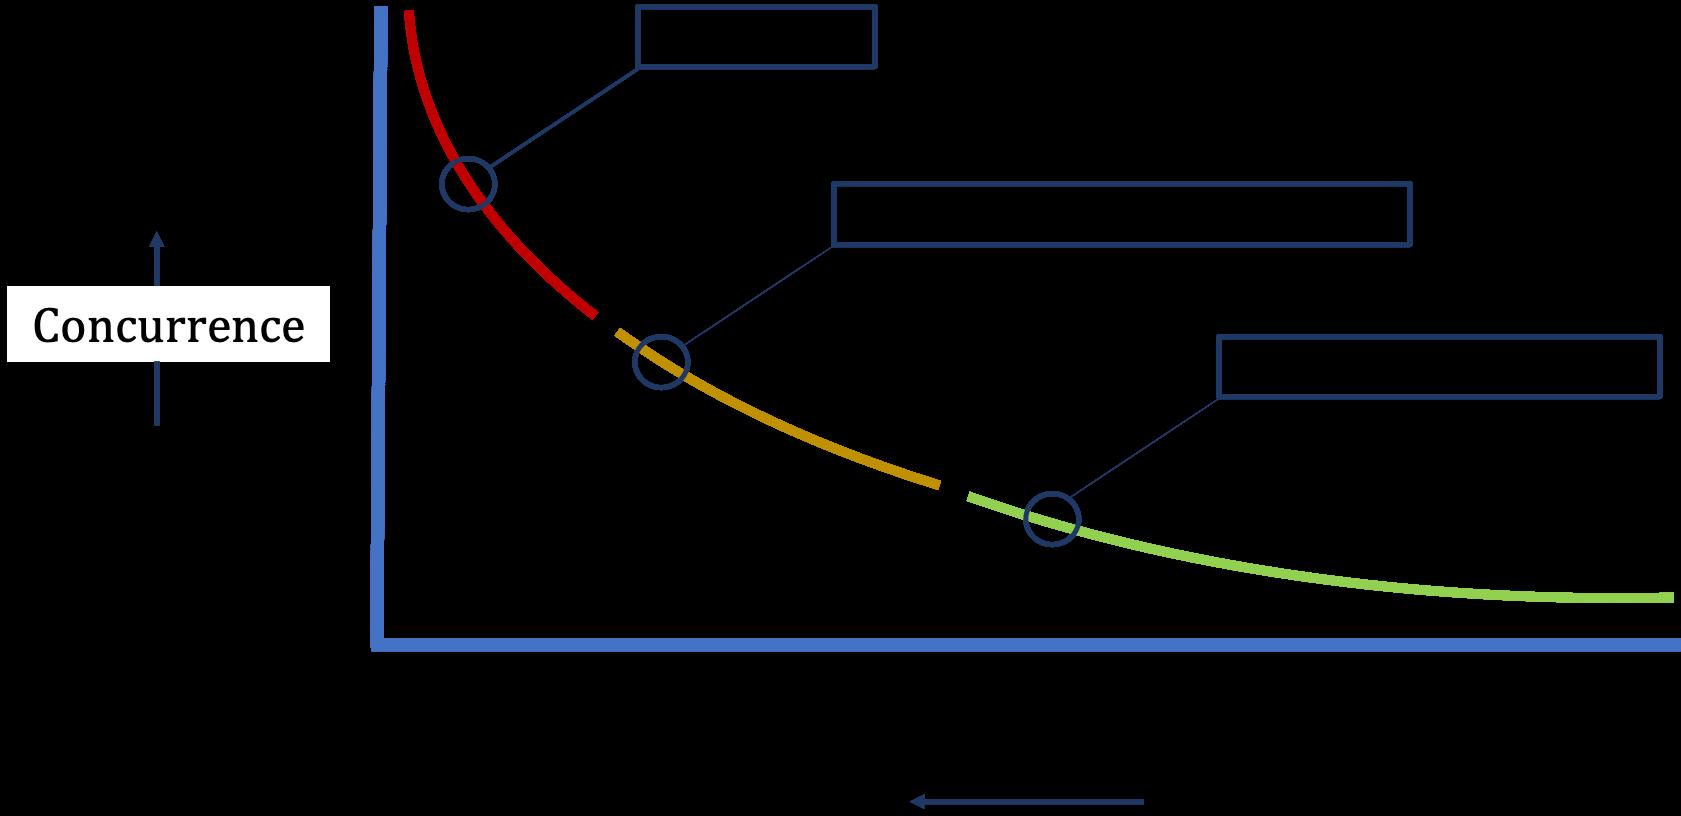 courbe représentant la popularité des mots-clés